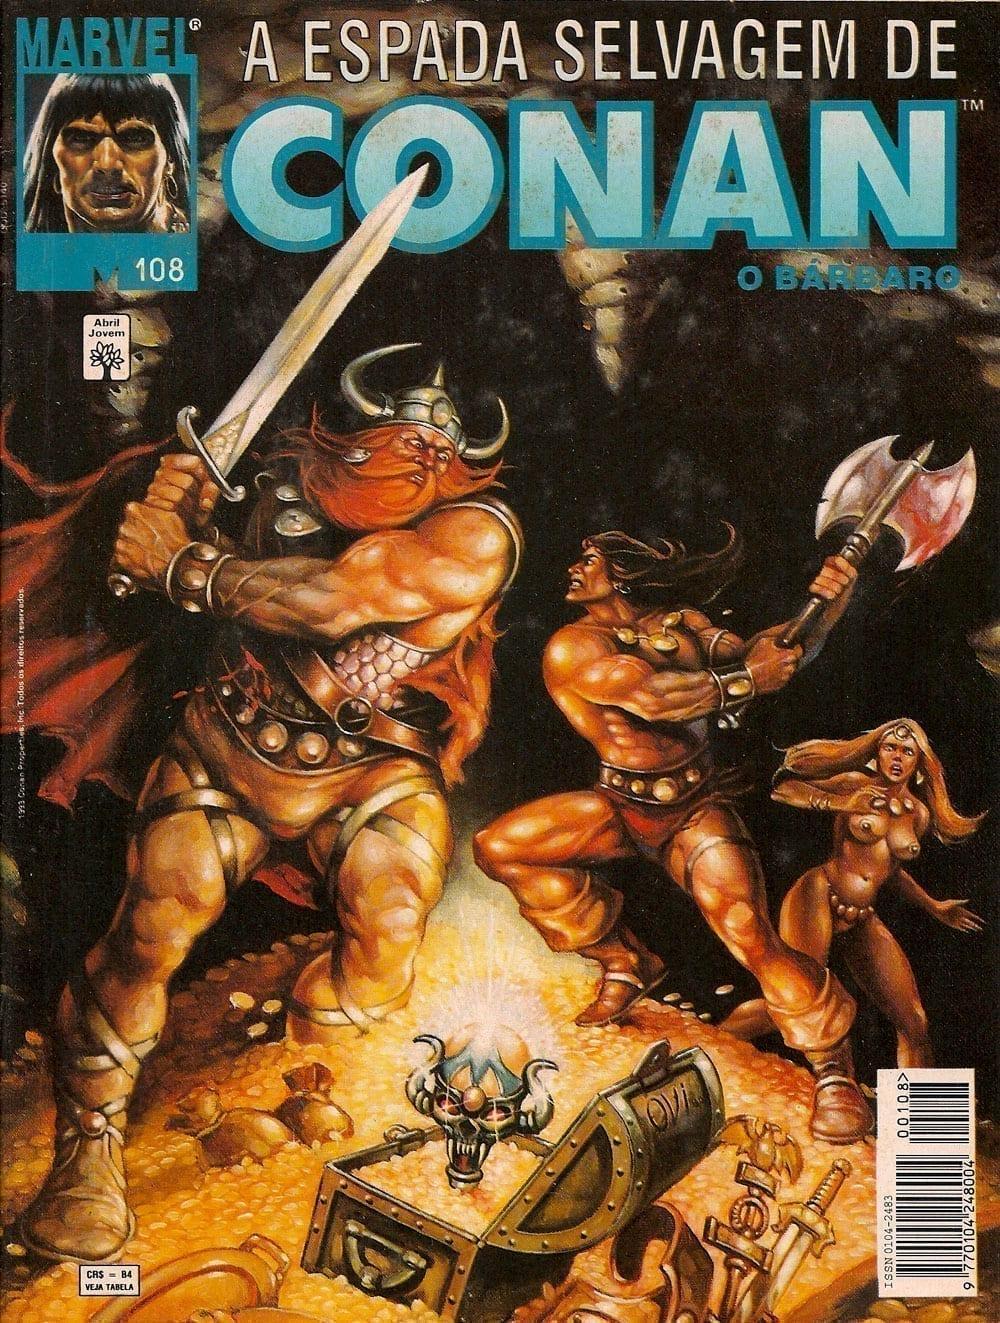 Capa: A Espada Selvagem de Conan 108